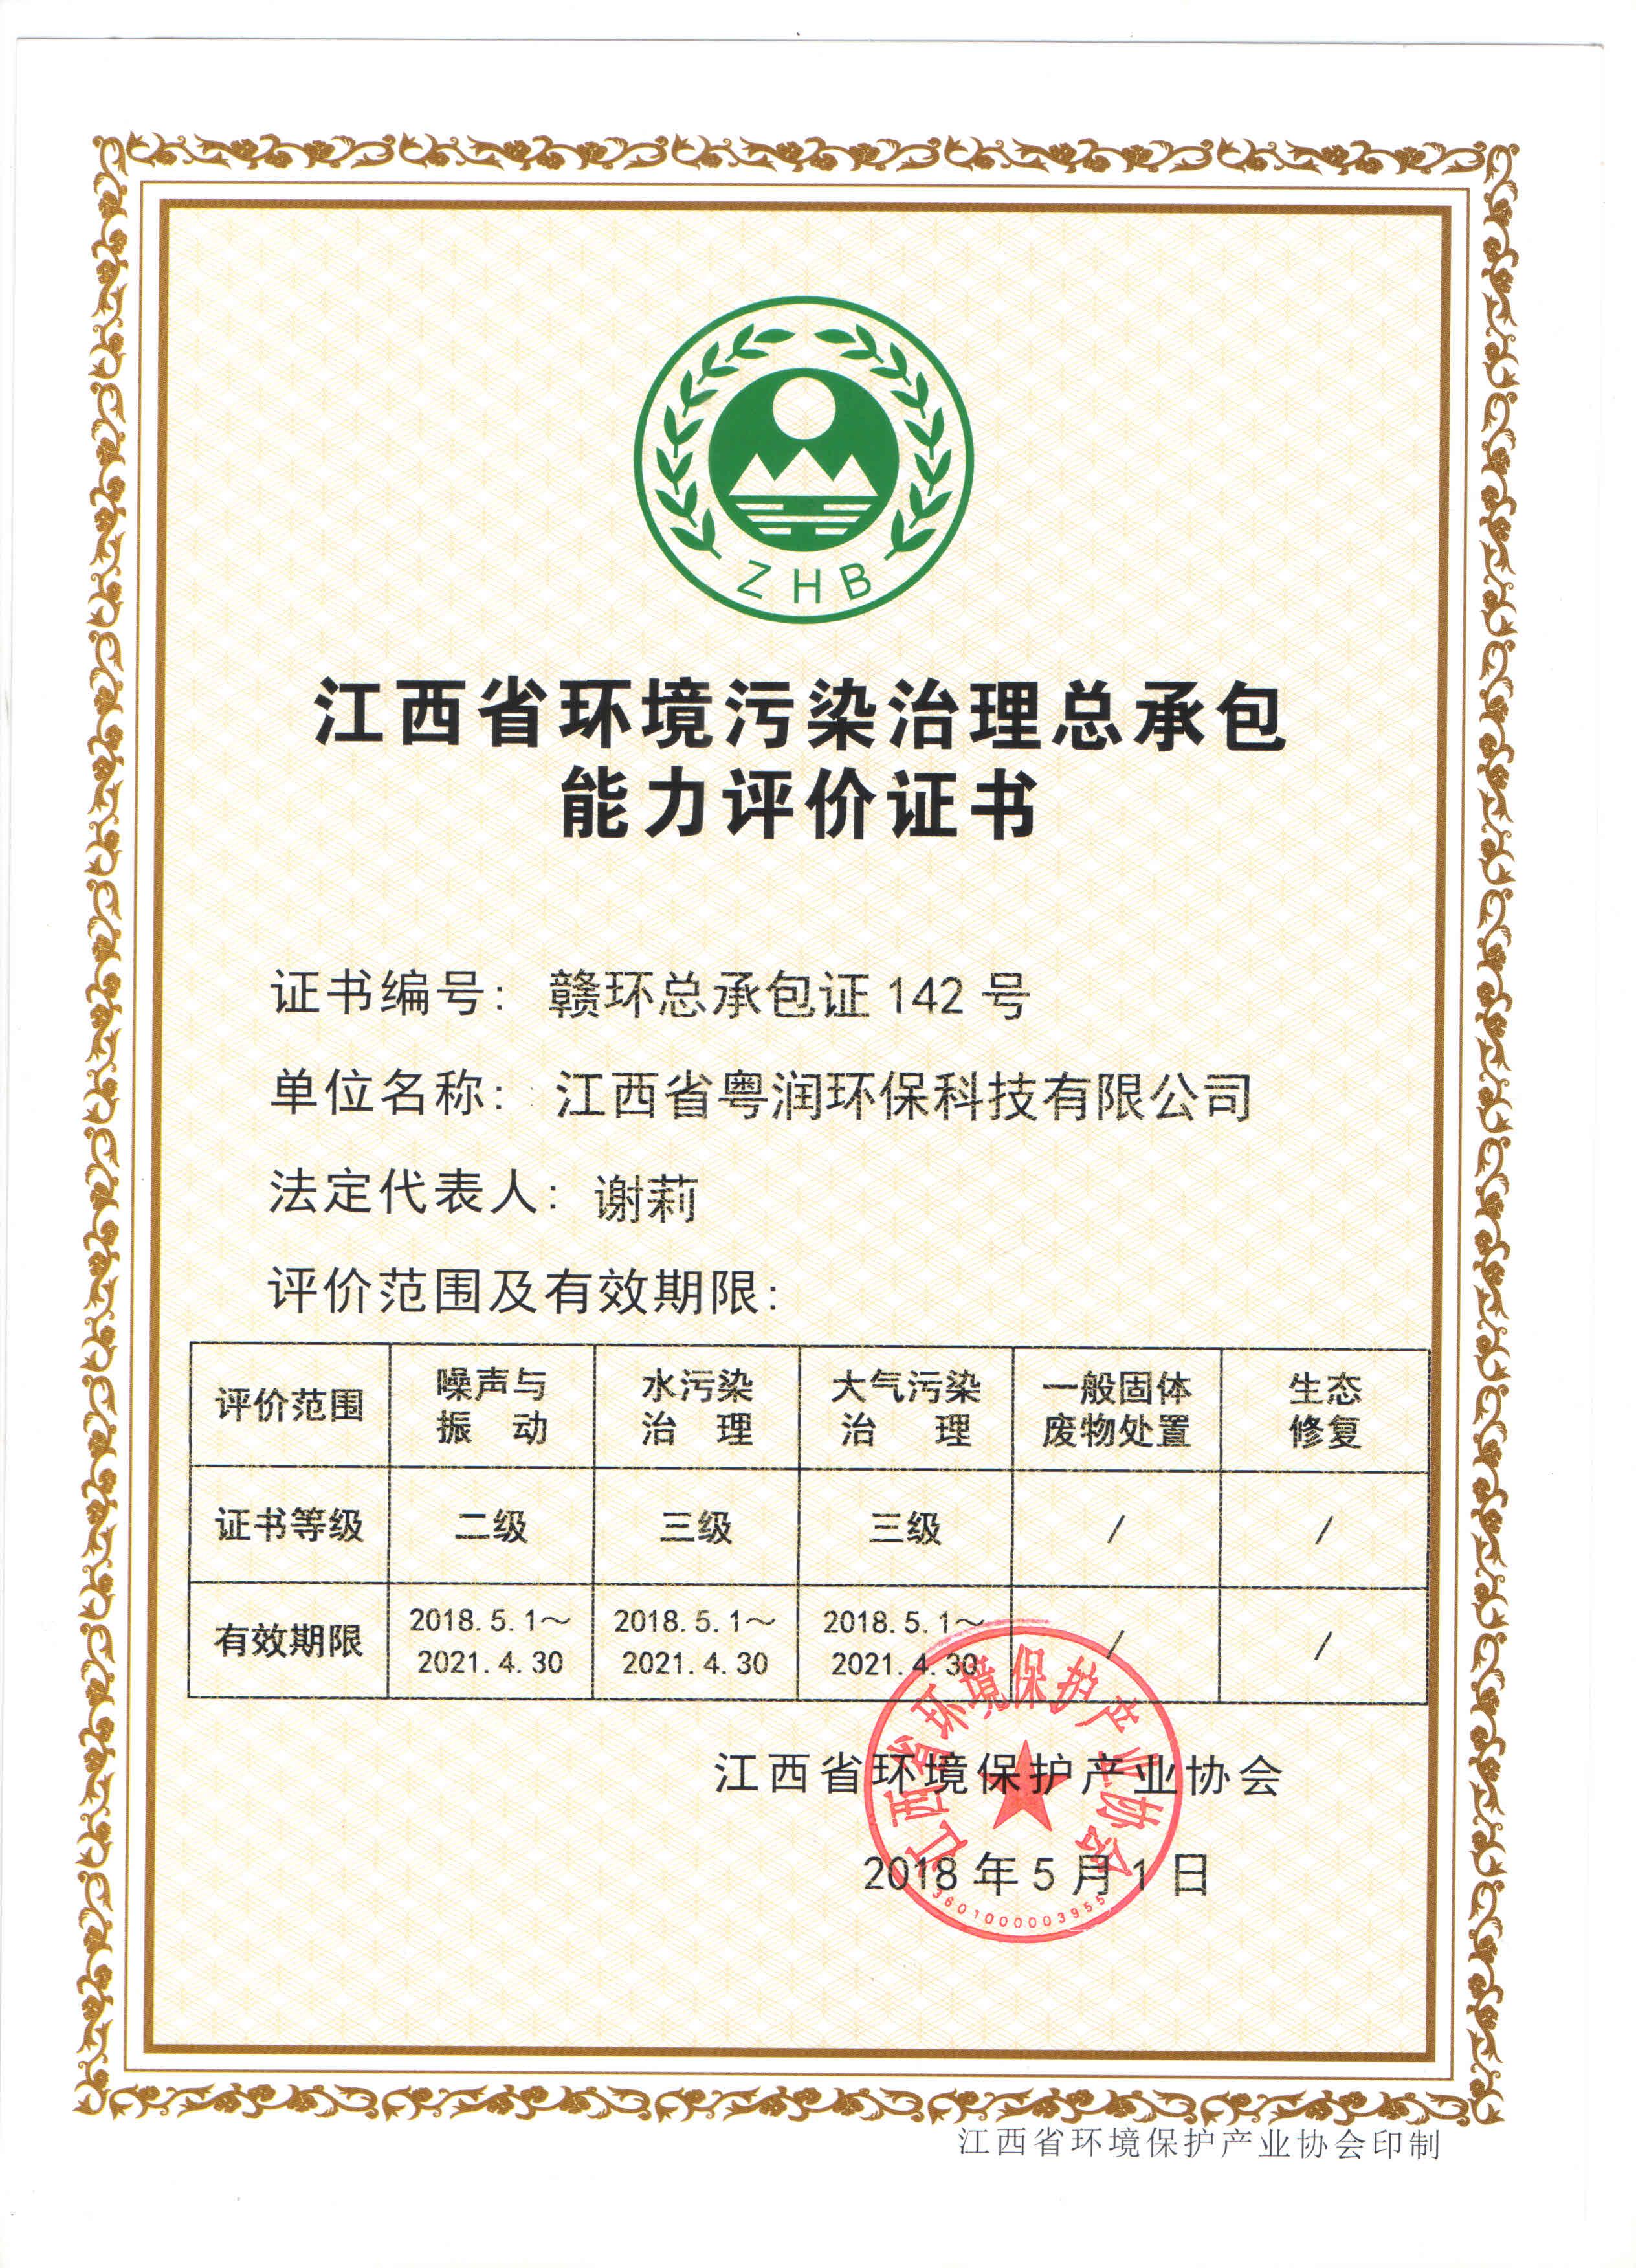 江西省环境污染治理总承包能力评价证书